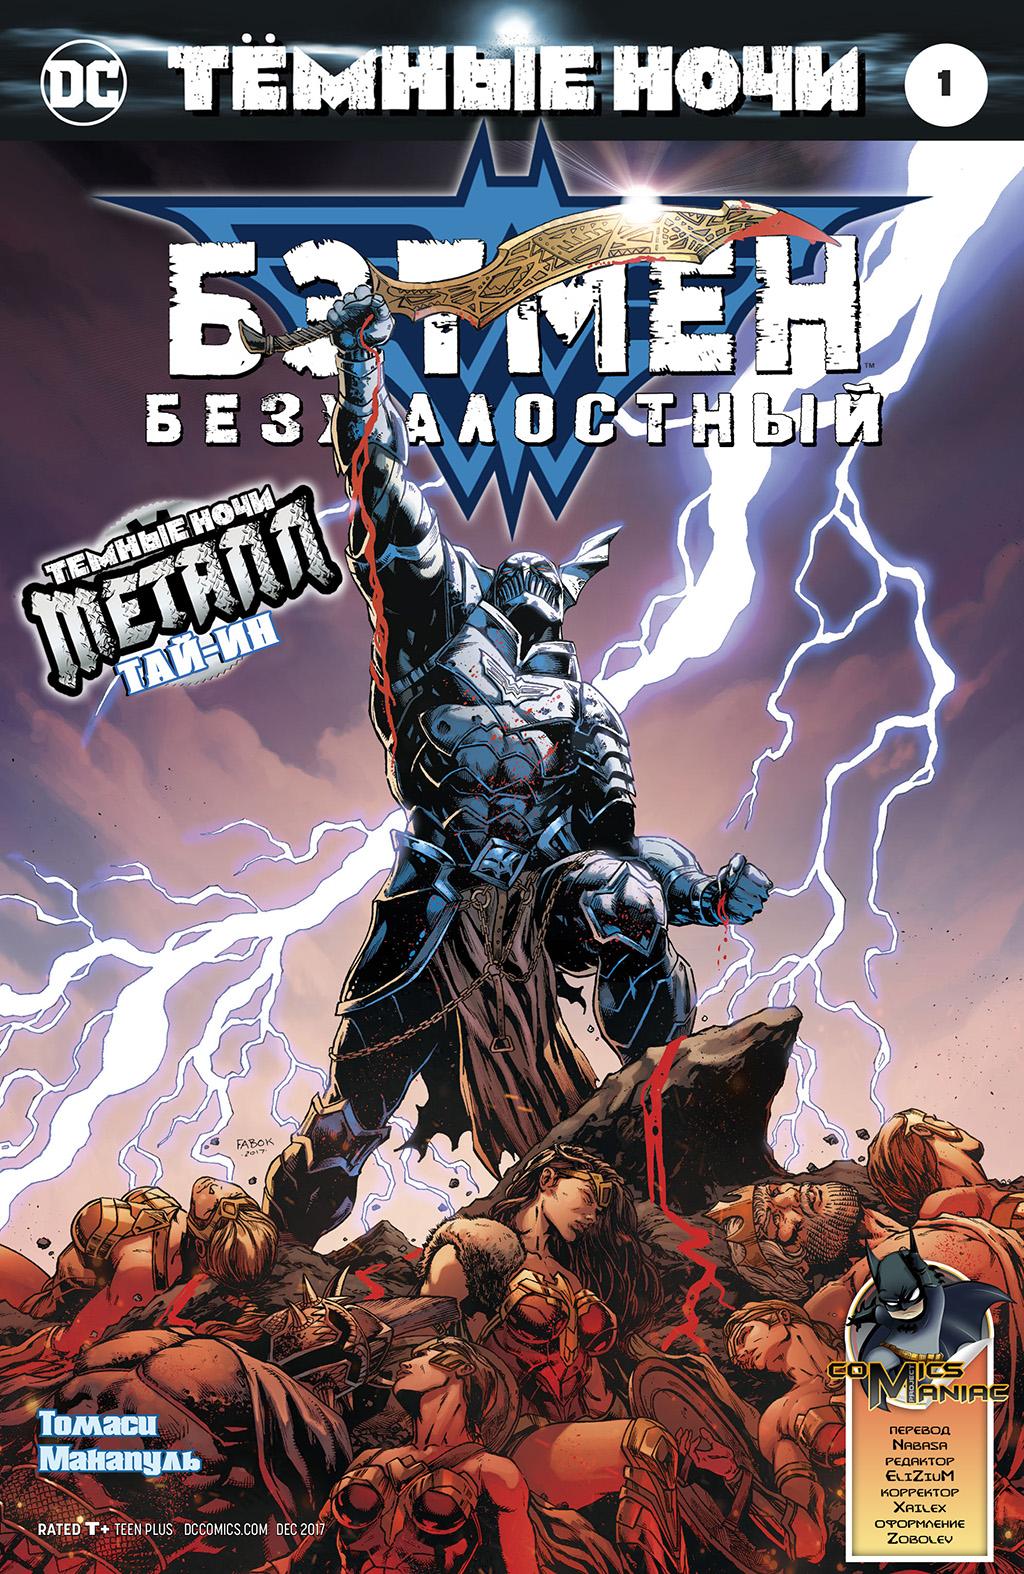 Комикс Тёмные ночи: Бэтмен - Безжалостный